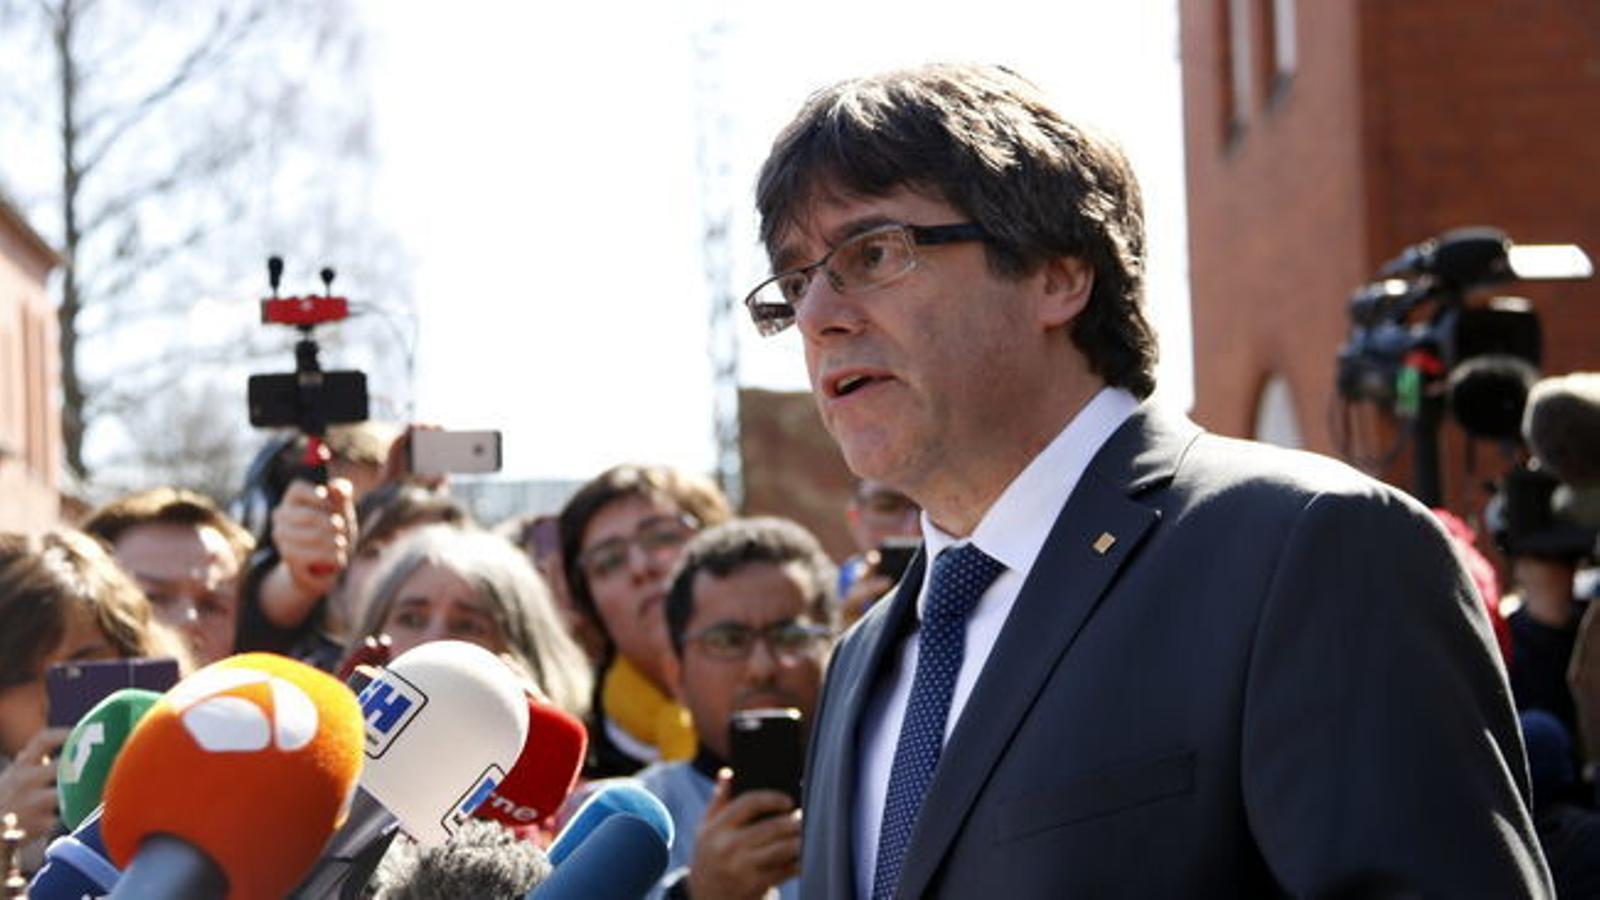 La justícia alemanya decideix extradir Puigdemont, però només per malversació